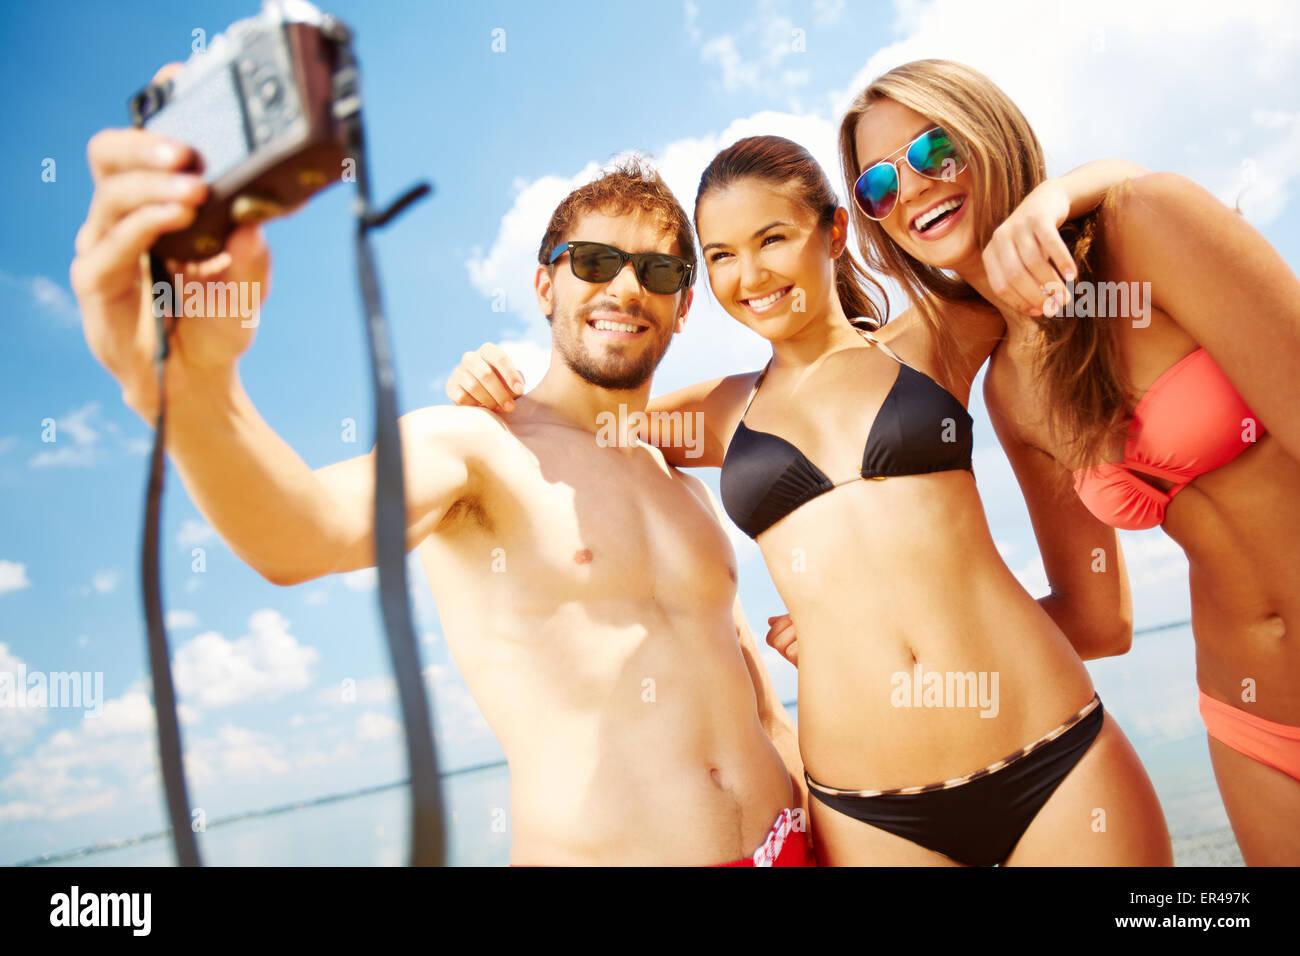 Glückliche Freunde die Fotos am Strand Stockbild